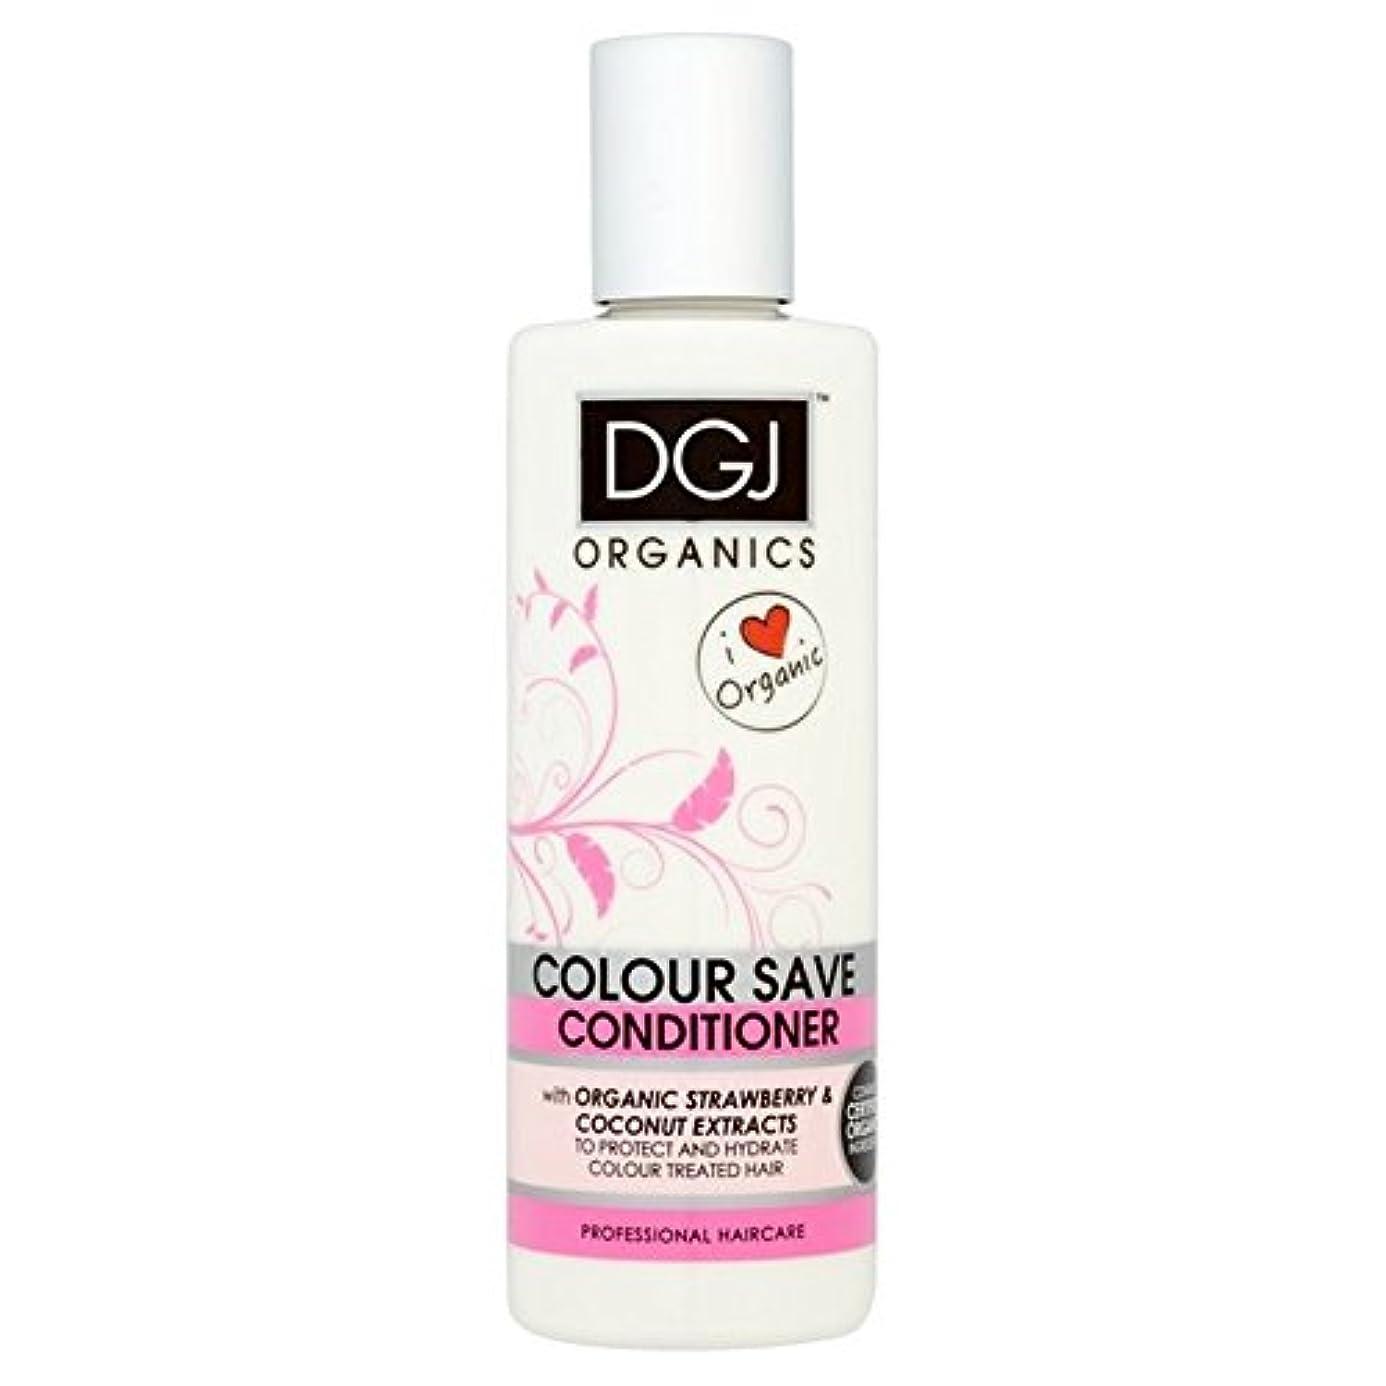 変更可能価格に渡って有機物の色コンディショナー250を保存 x4 - DGJ Organics Colour Save Conditioner 250ml (Pack of 4) [並行輸入品]